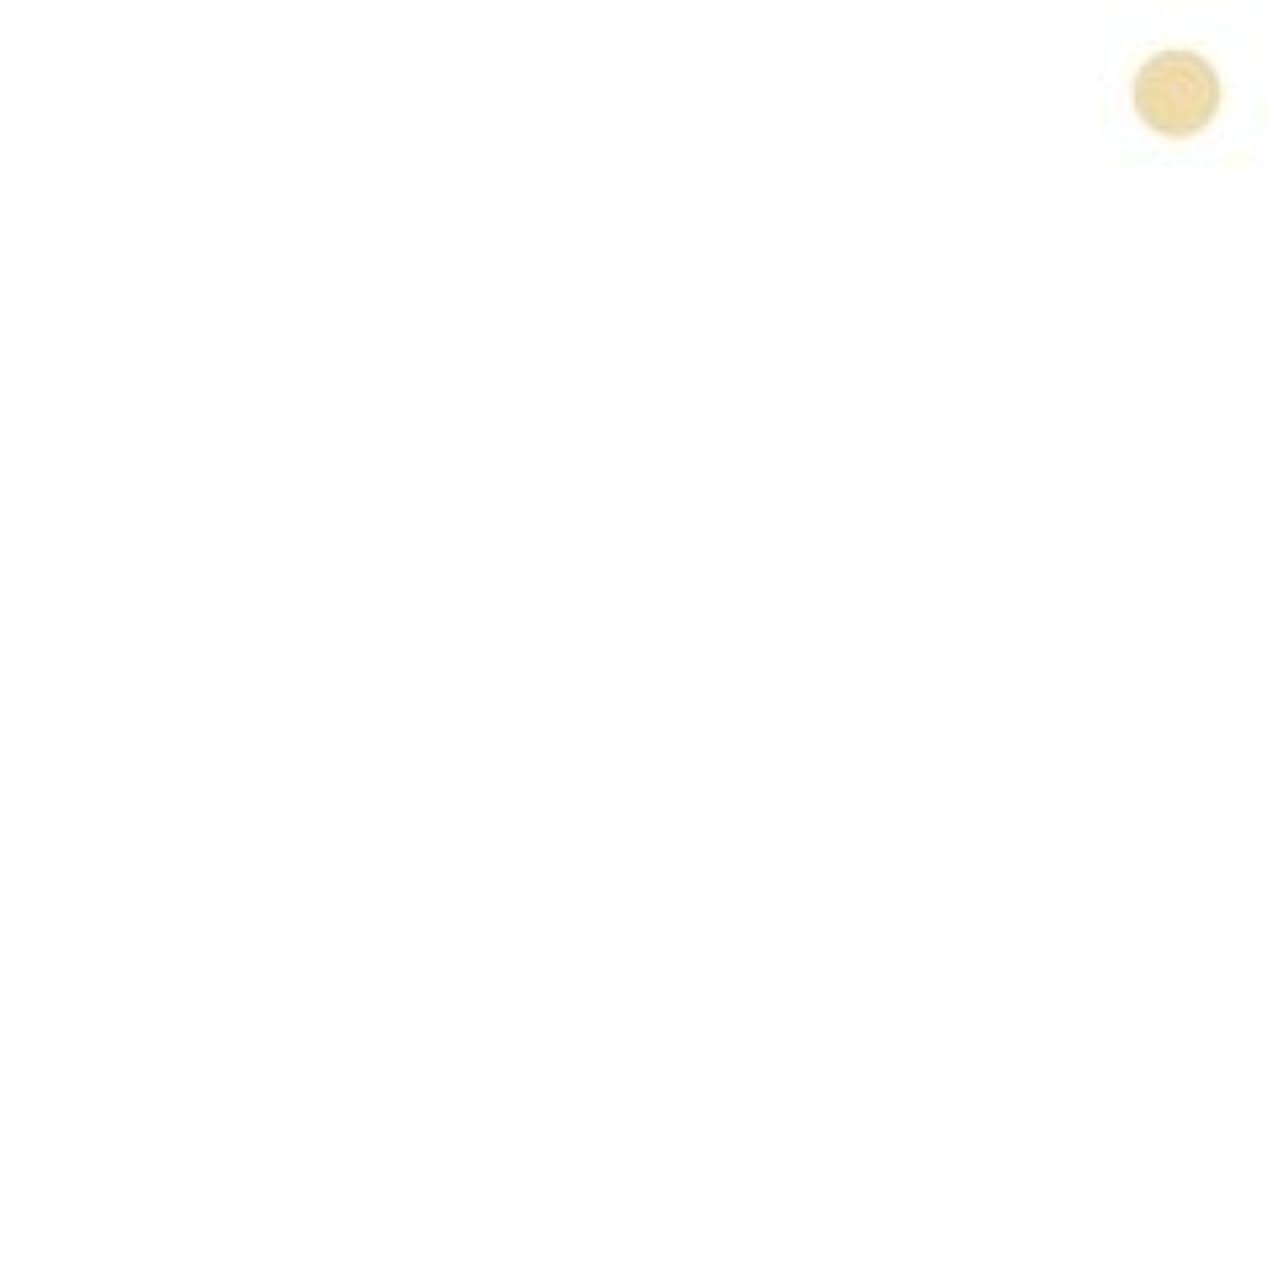 うなずくコントラスト二層【カバーマーク】ジャスミーカラー パウダリーファンデーション #BN20 (レフィル)